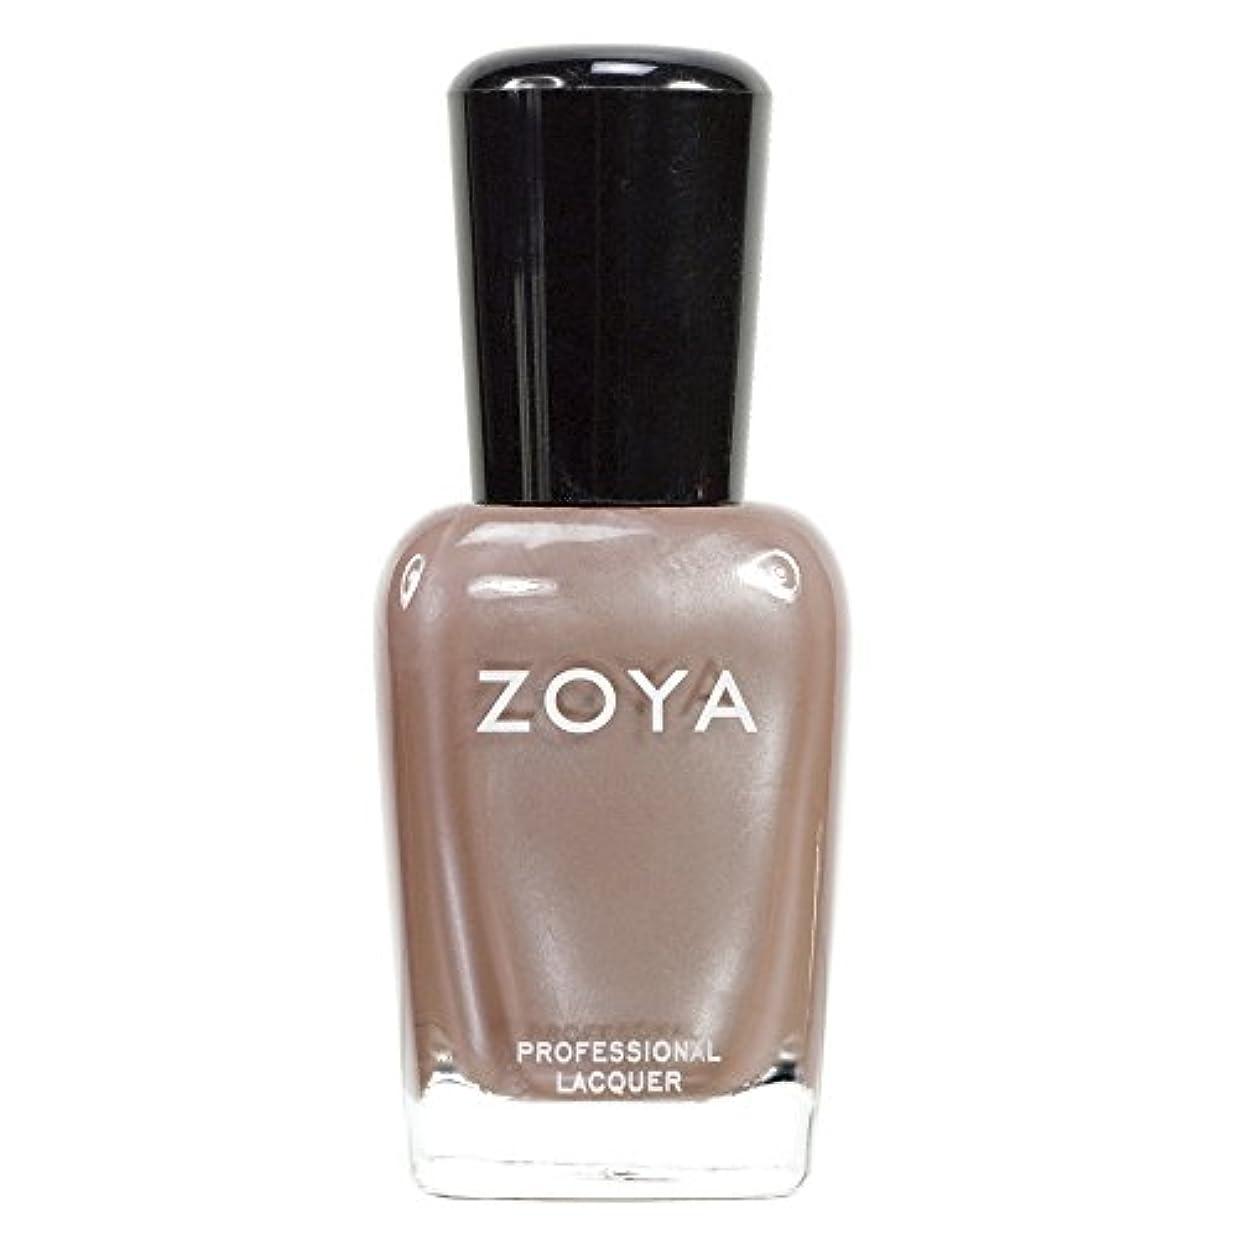 抗議制限する葉を集めるZOYA ゾーヤ ネイルカラーZP280 PASHA パシャ 15ml シルバーの繊細なグリッターが輝くヌードベージュ パール/メタリック 爪にやさしいネイルポリッシュマニキュア